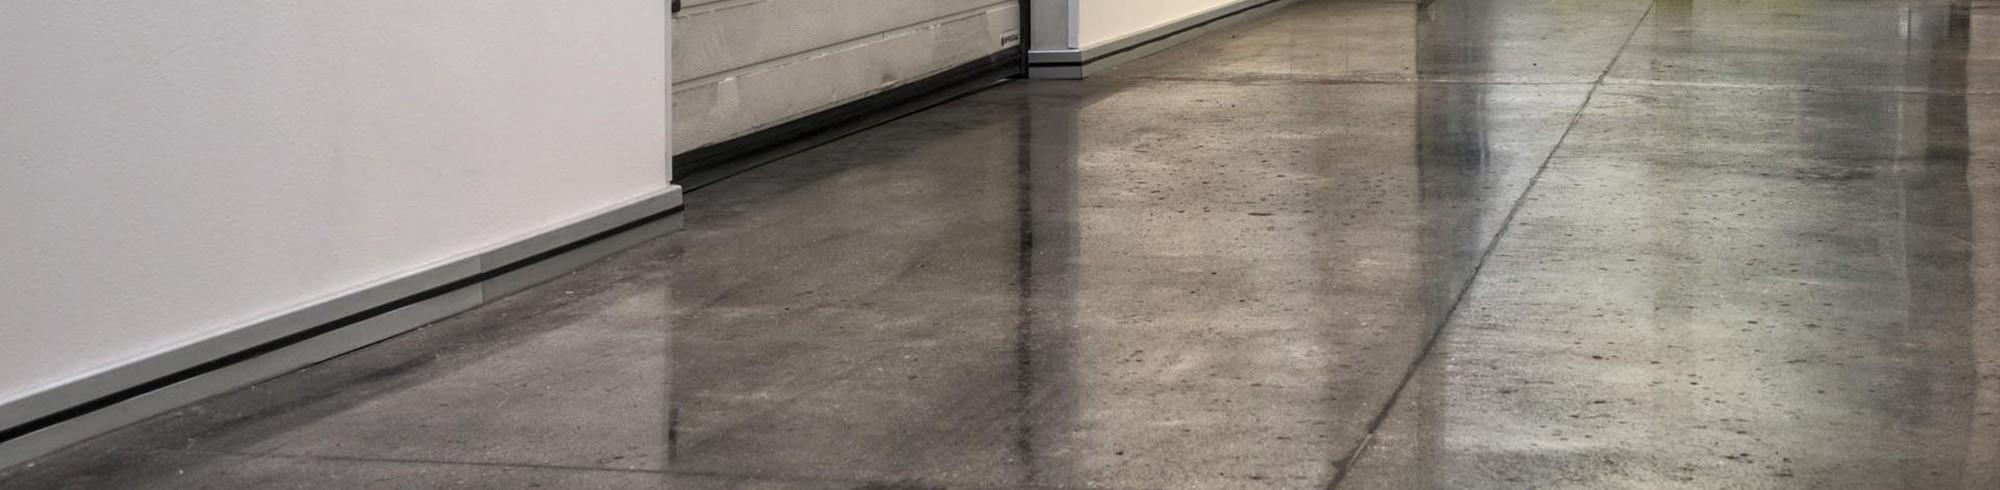 Betonböden • Harzböden • Betonboden Schleifen - Pan Sas Südtirol/Italien